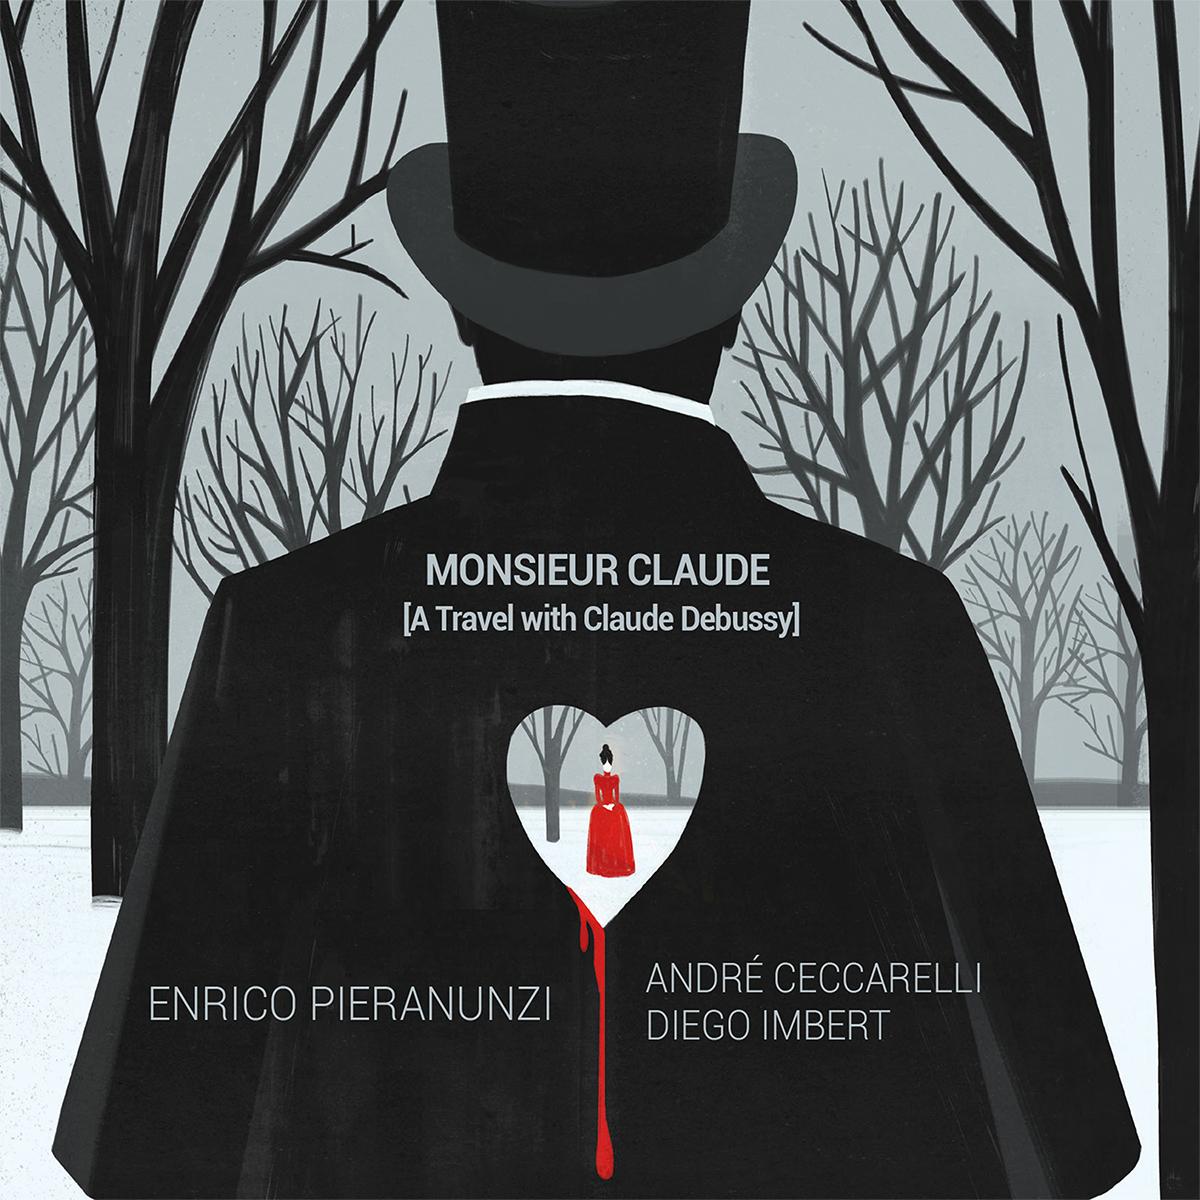 MONSIEUR CLAUDE CD COVER - ENRICO PIERANUNZI